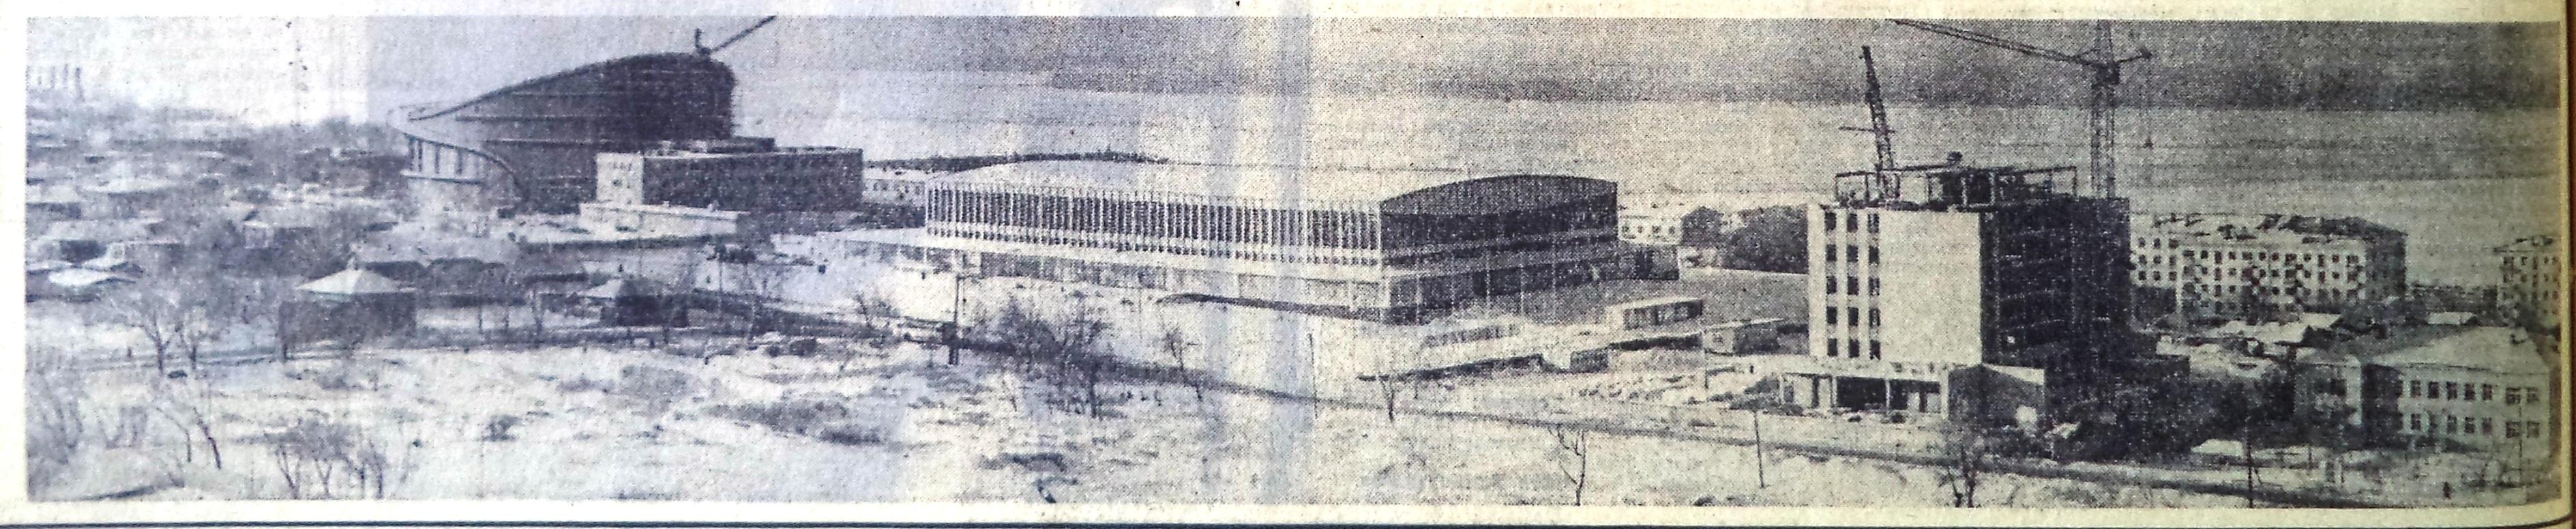 Молодогвардейская-ФОТО-30-ВЗя-1969-02-05-панорама Молодогв.